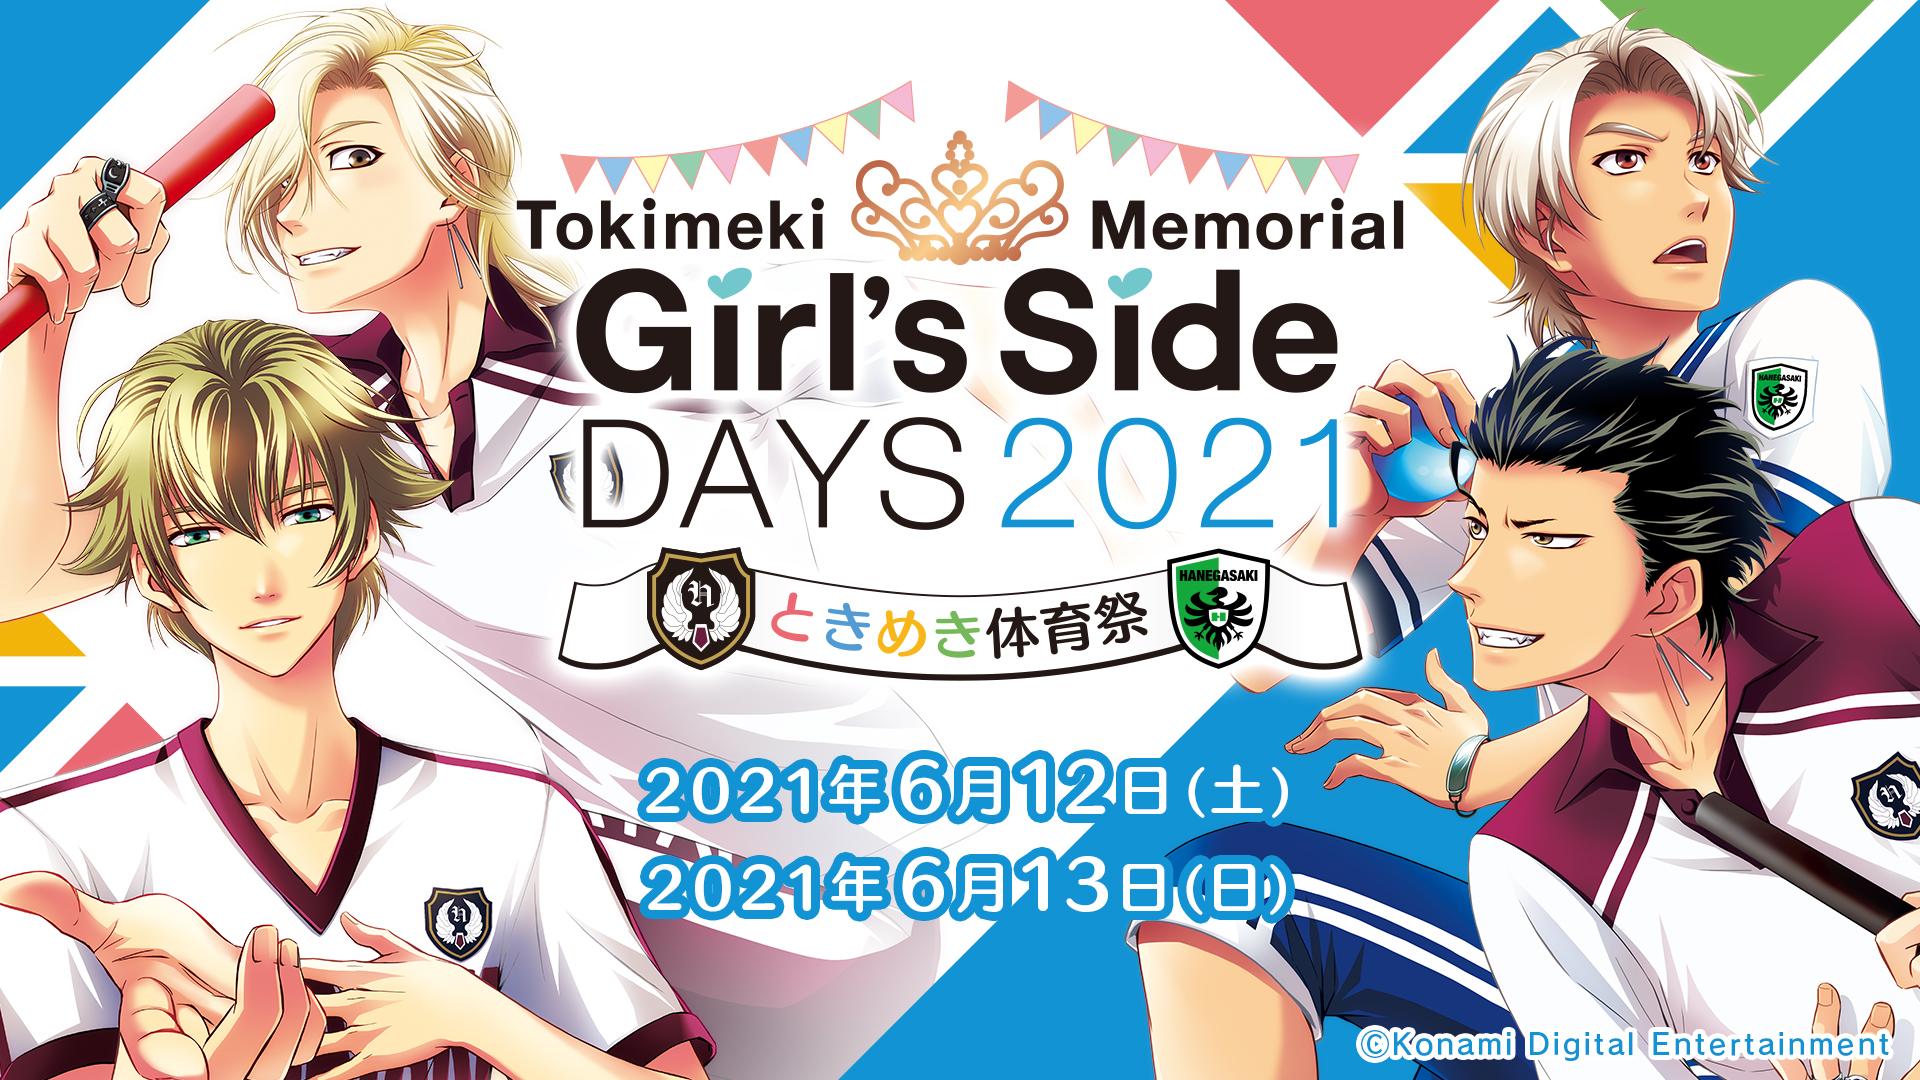 【2021年6月13日(日)】ときめきメモリアル Girl's Side DAYS 2021 ときめき体育祭  |